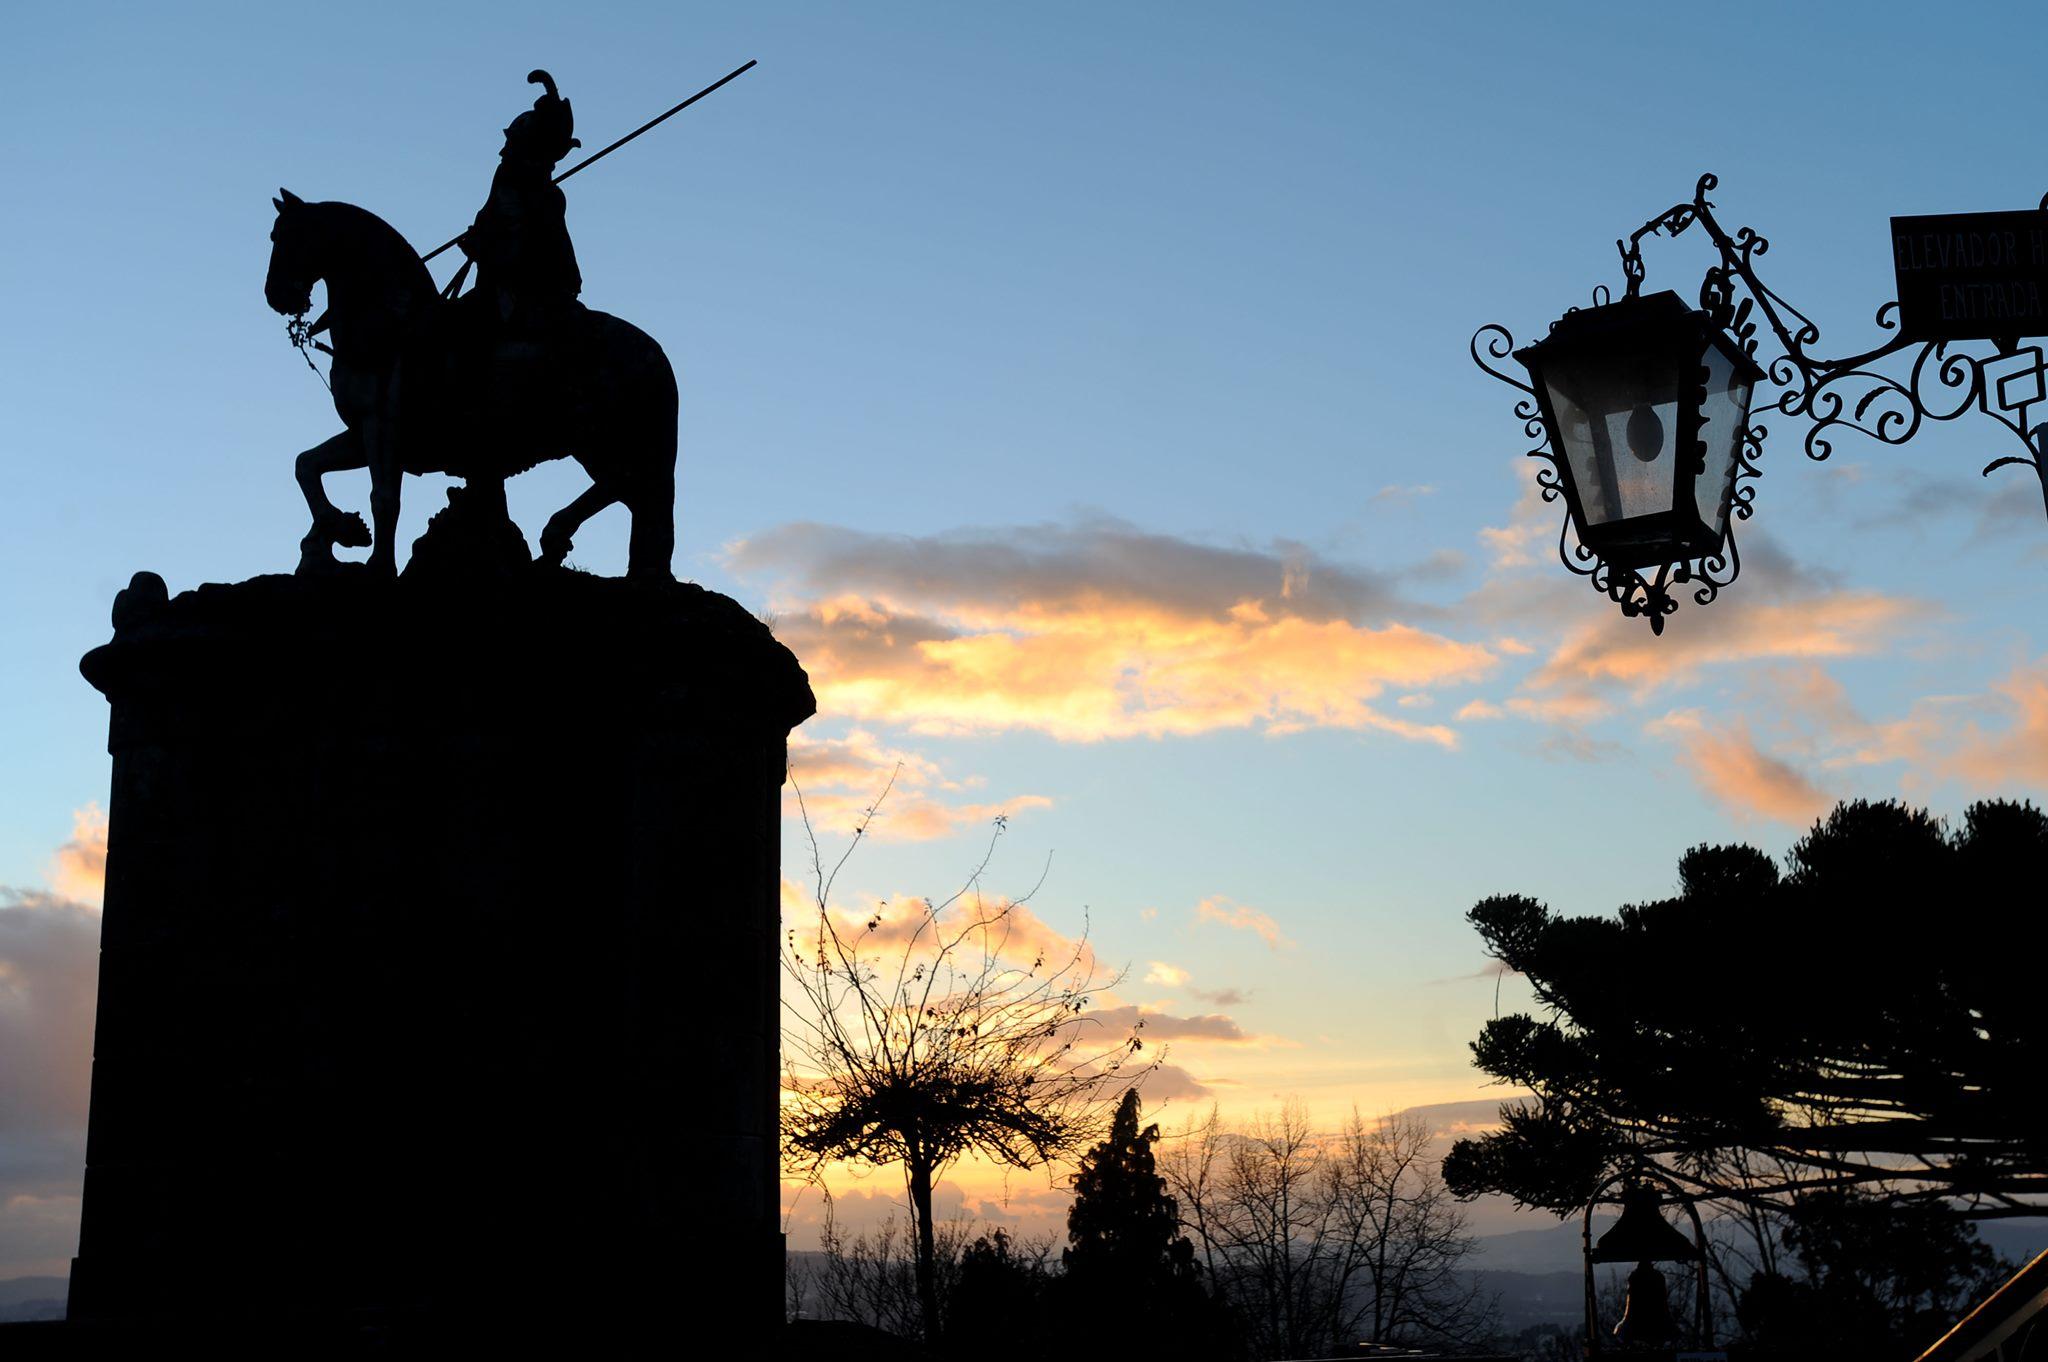 'Turismo e o Conhecimento - Que Desafios?' pós-pandemia em debate esta sexta-feira em Braga